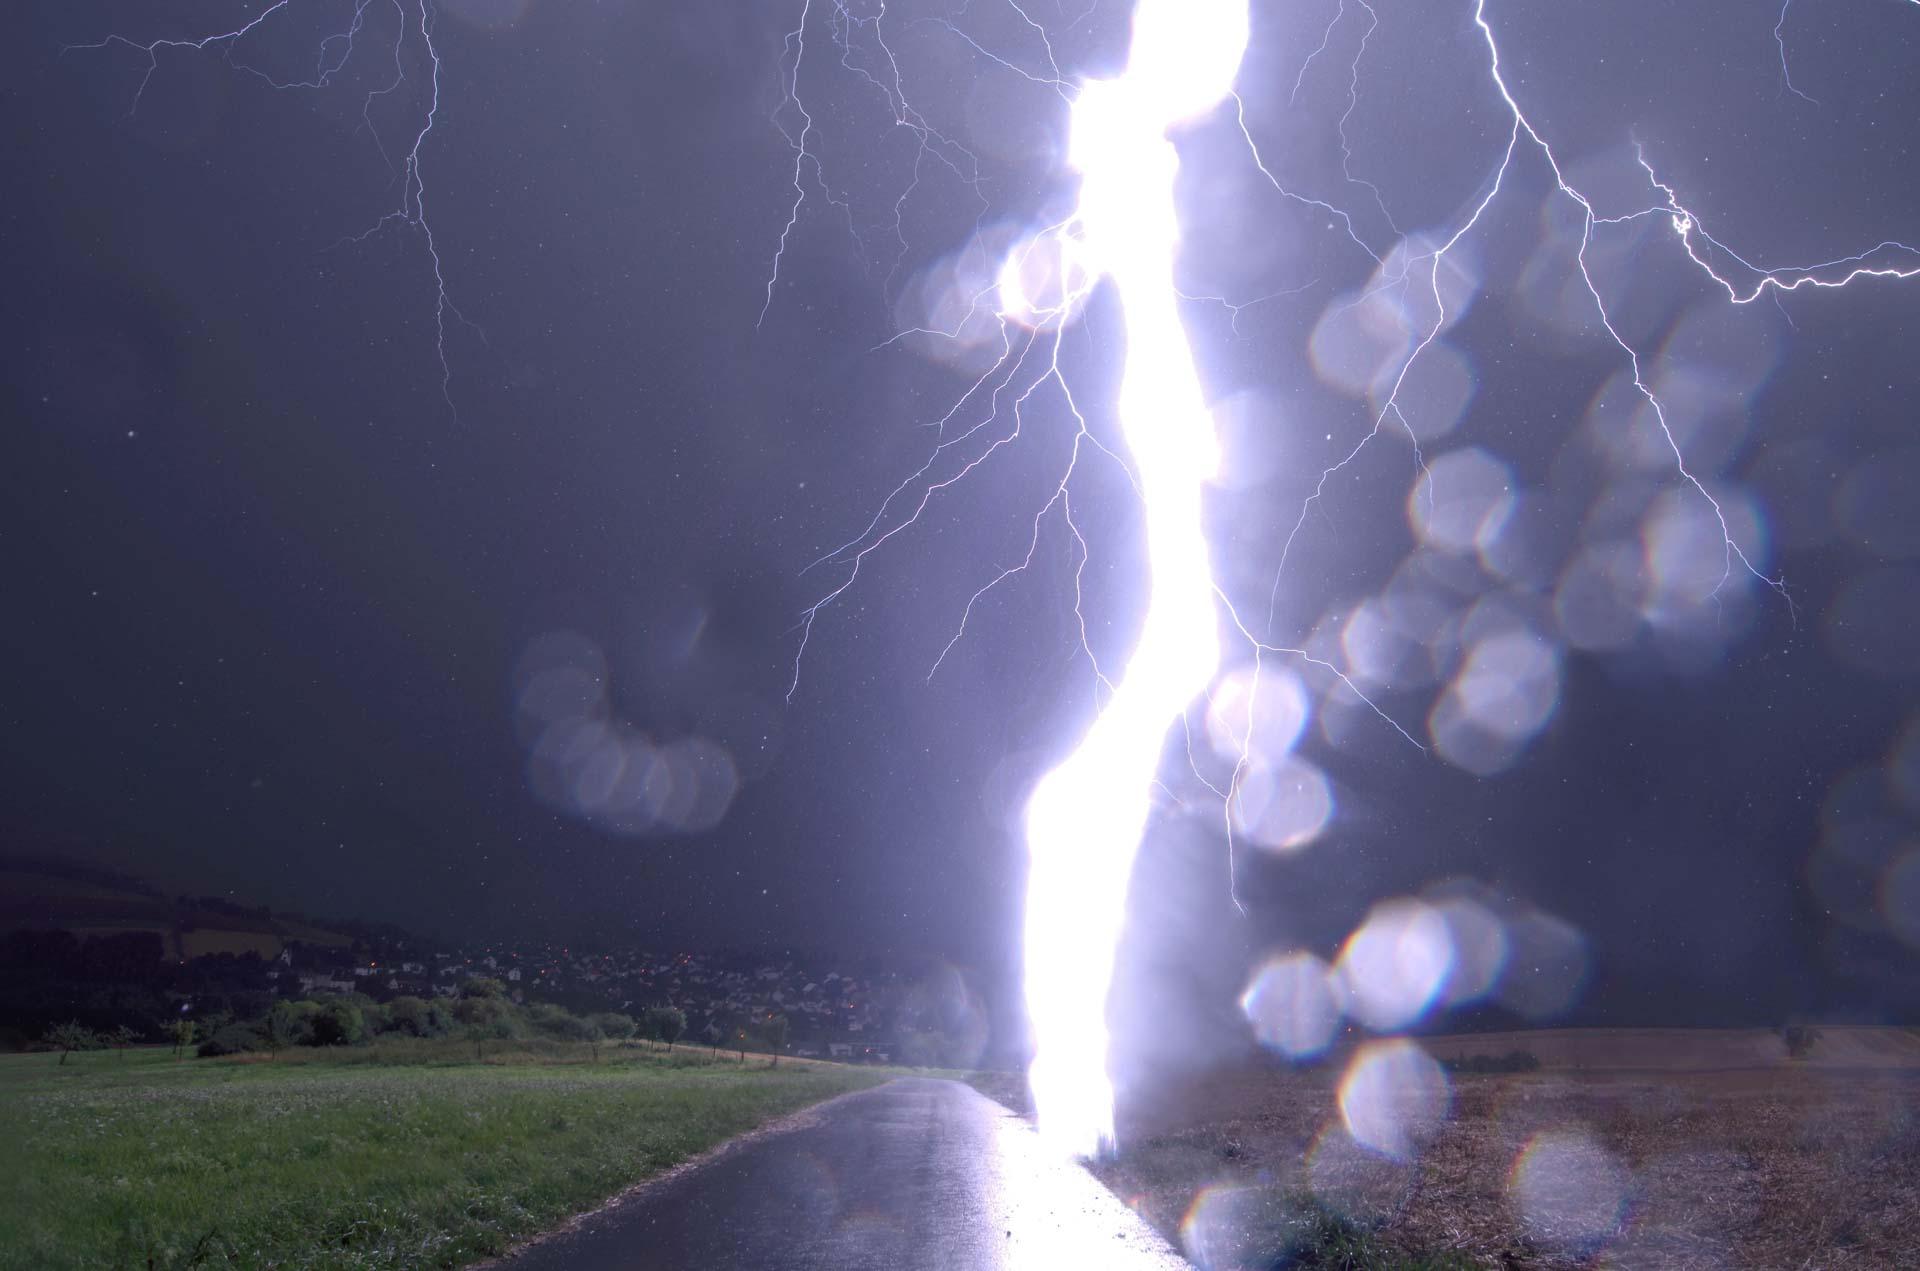 Onweer fotograferen Wouter van Bernebeek